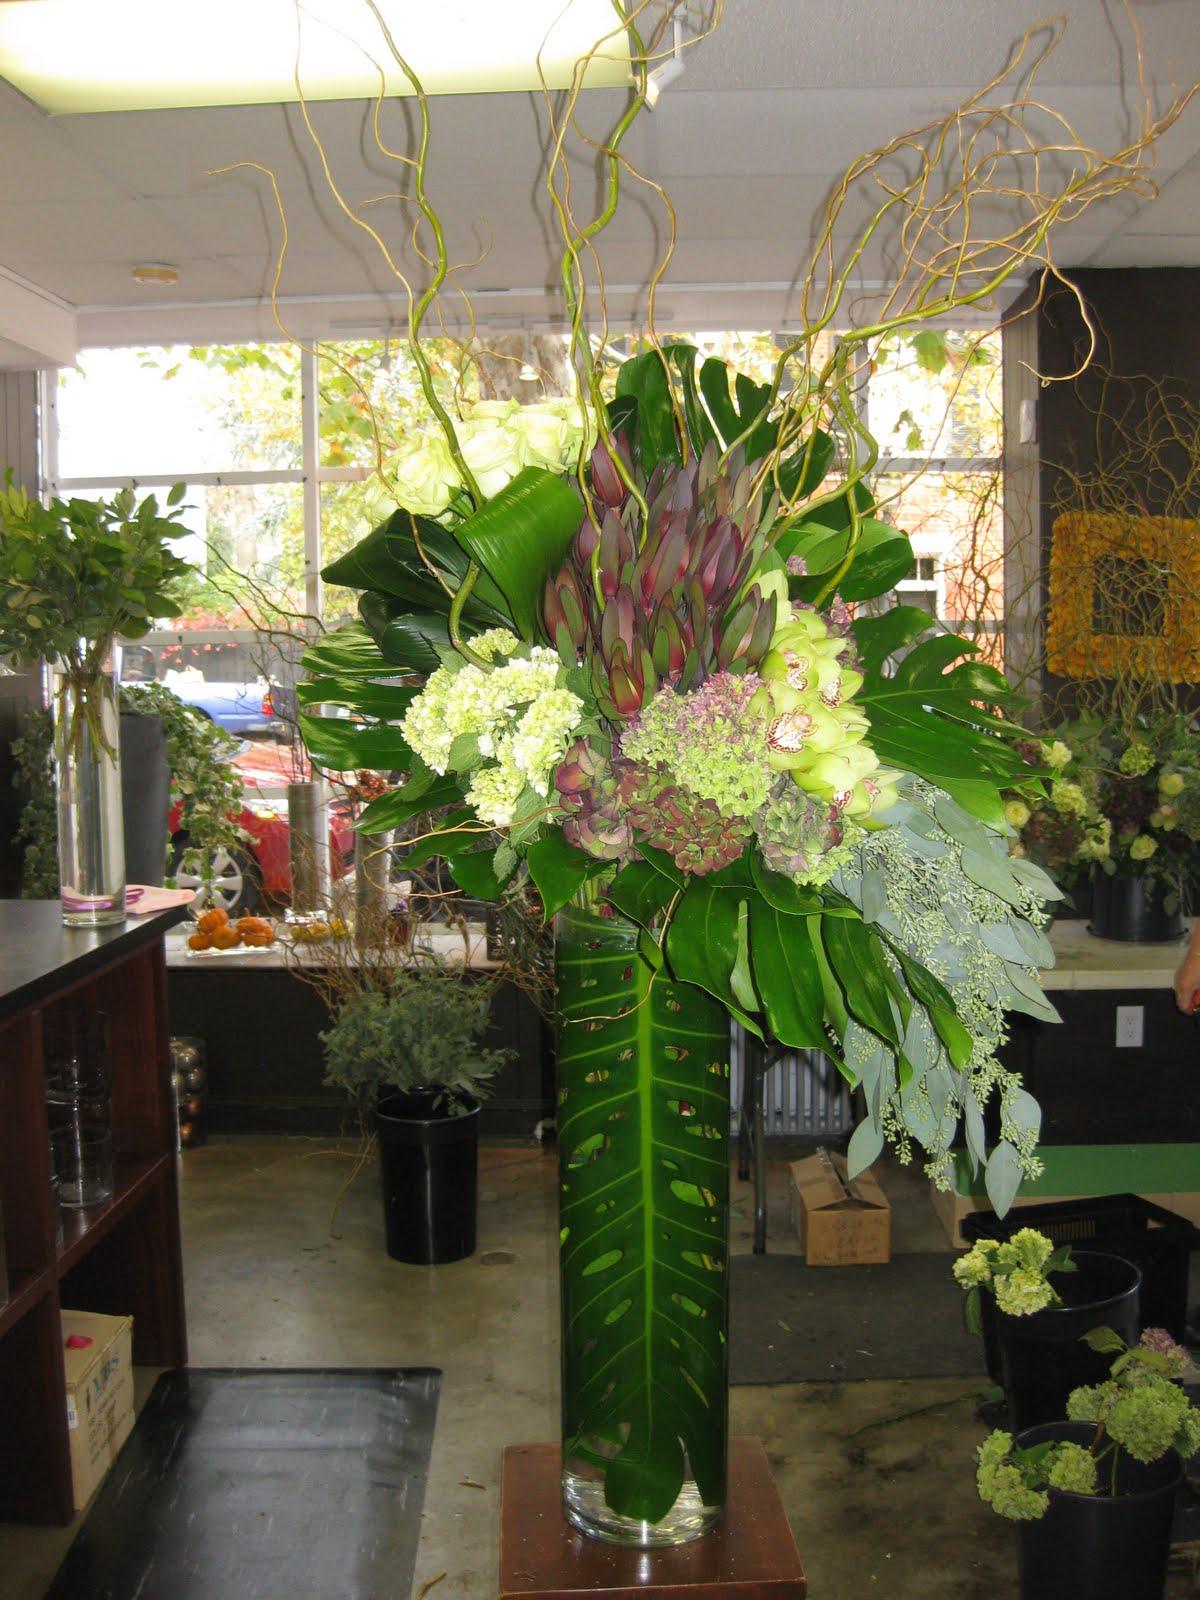 helen olivia flowers modern arrangements. Black Bedroom Furniture Sets. Home Design Ideas